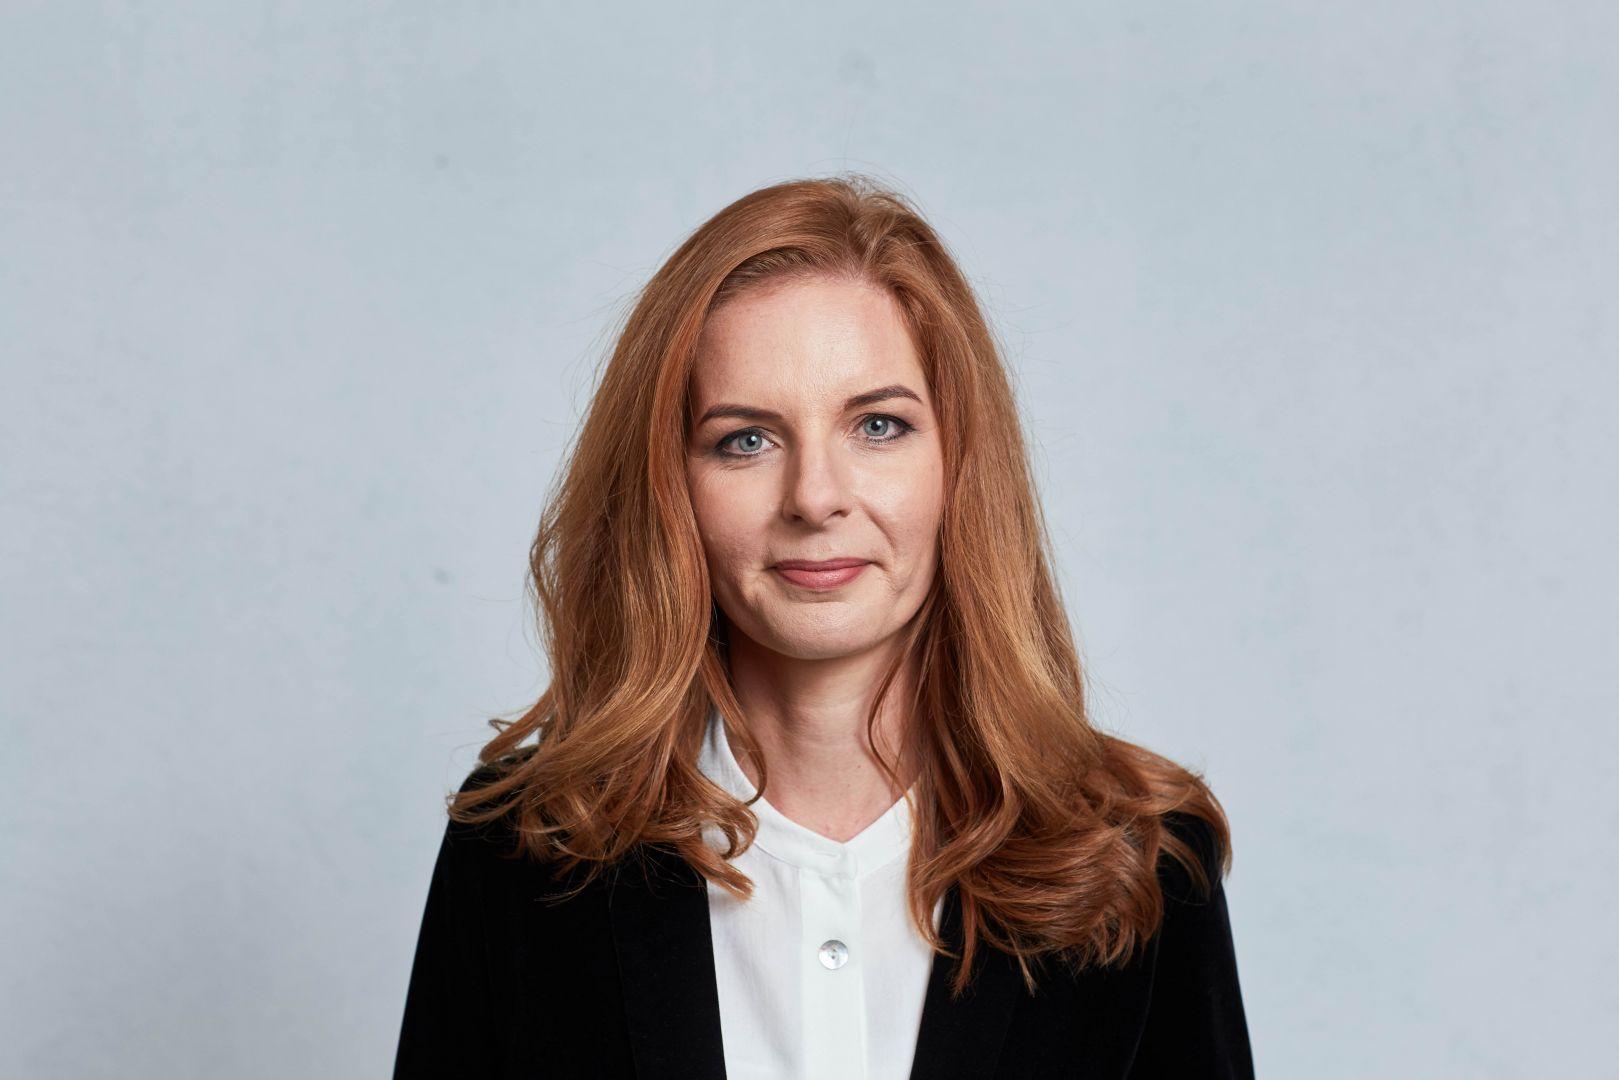 Architekta Agnieszka Kalinowska-Sołtys, APA Wojciechowski, Stowarzyszenie Architektów Polskich